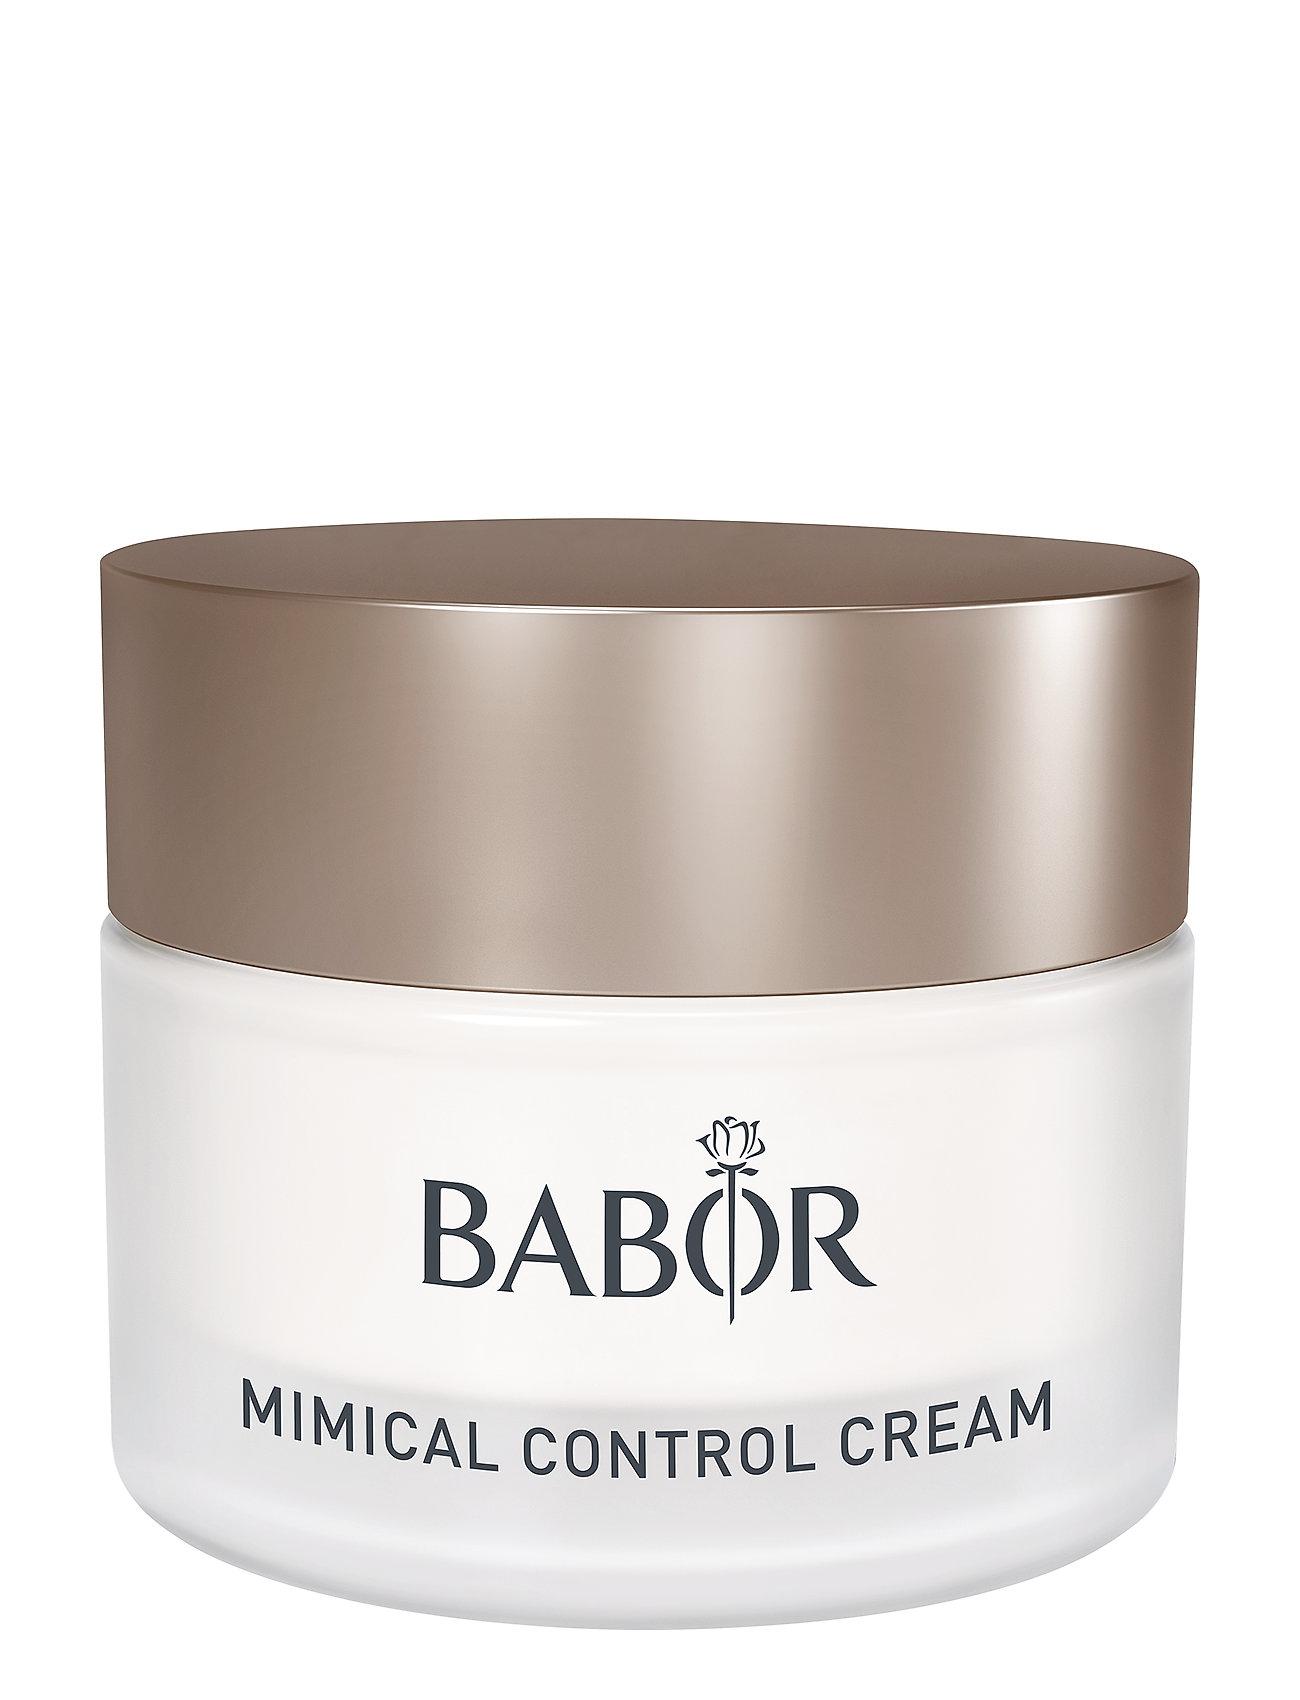 Babor Mimical Control Cream - NO COLOR